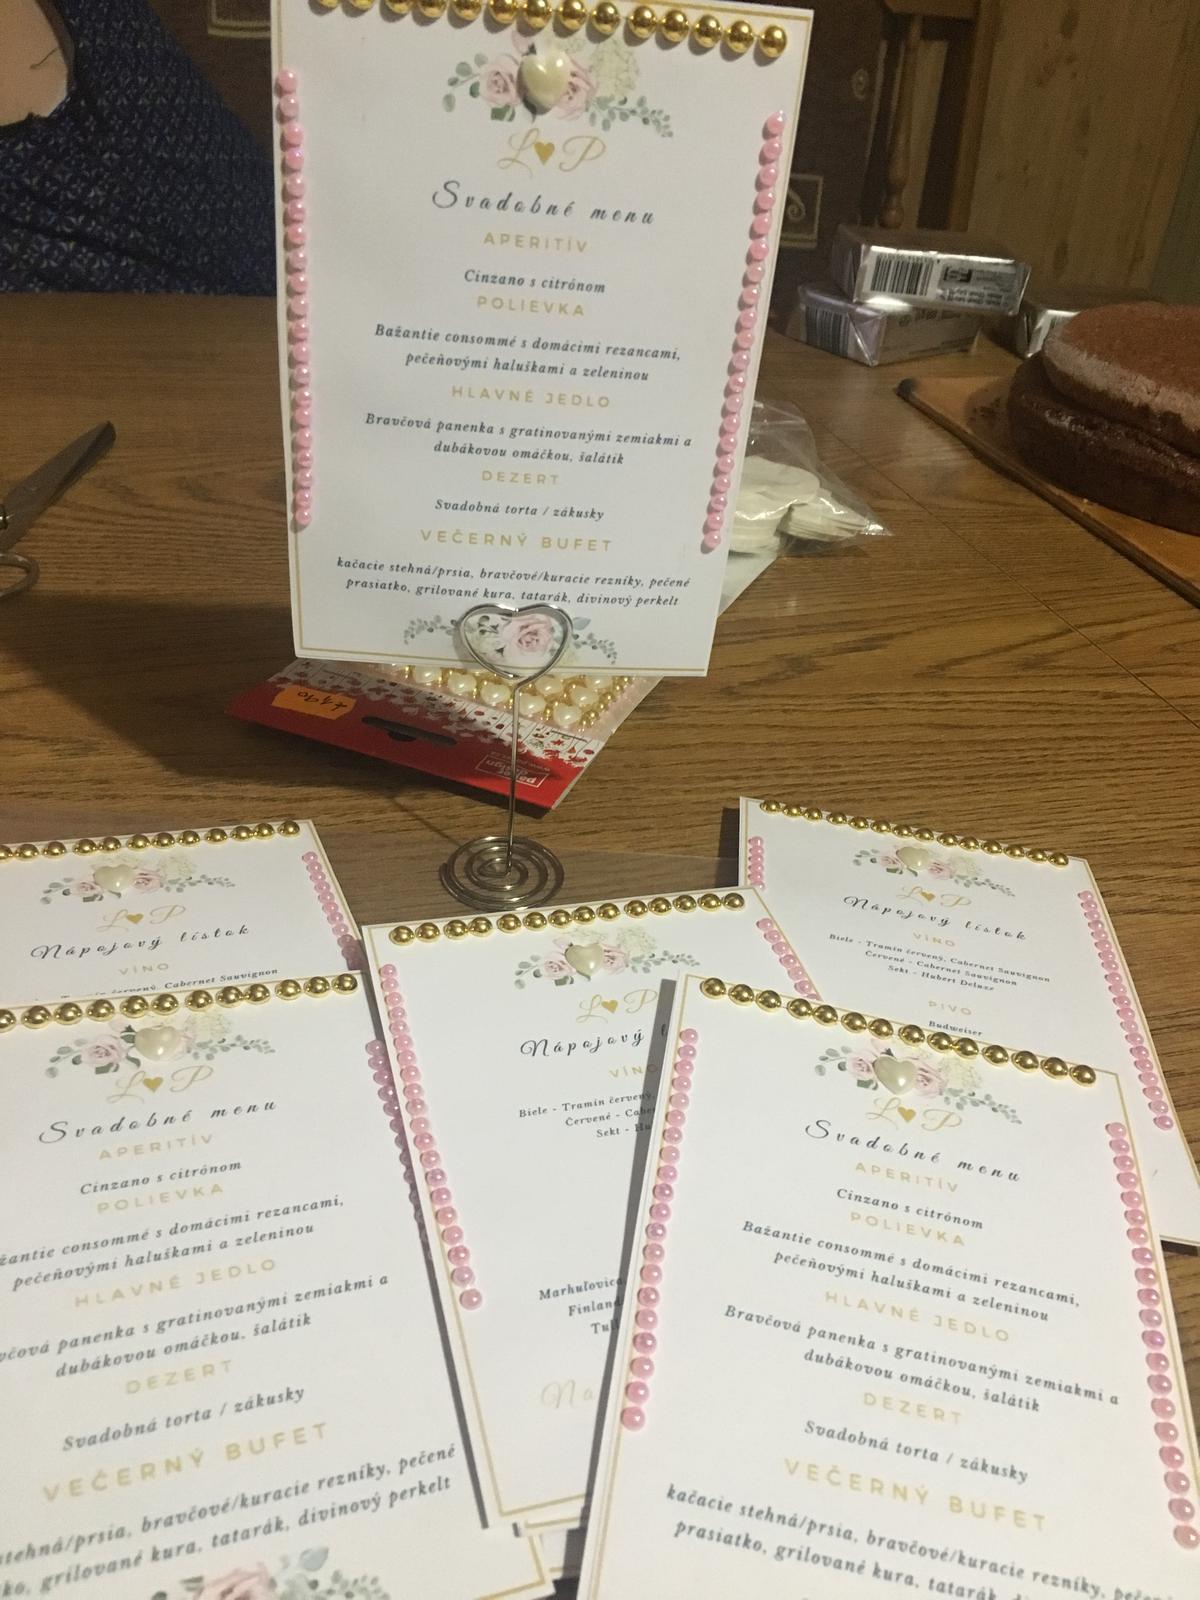 Bride to be :) - Svadobné menu / nápojový listok 😋